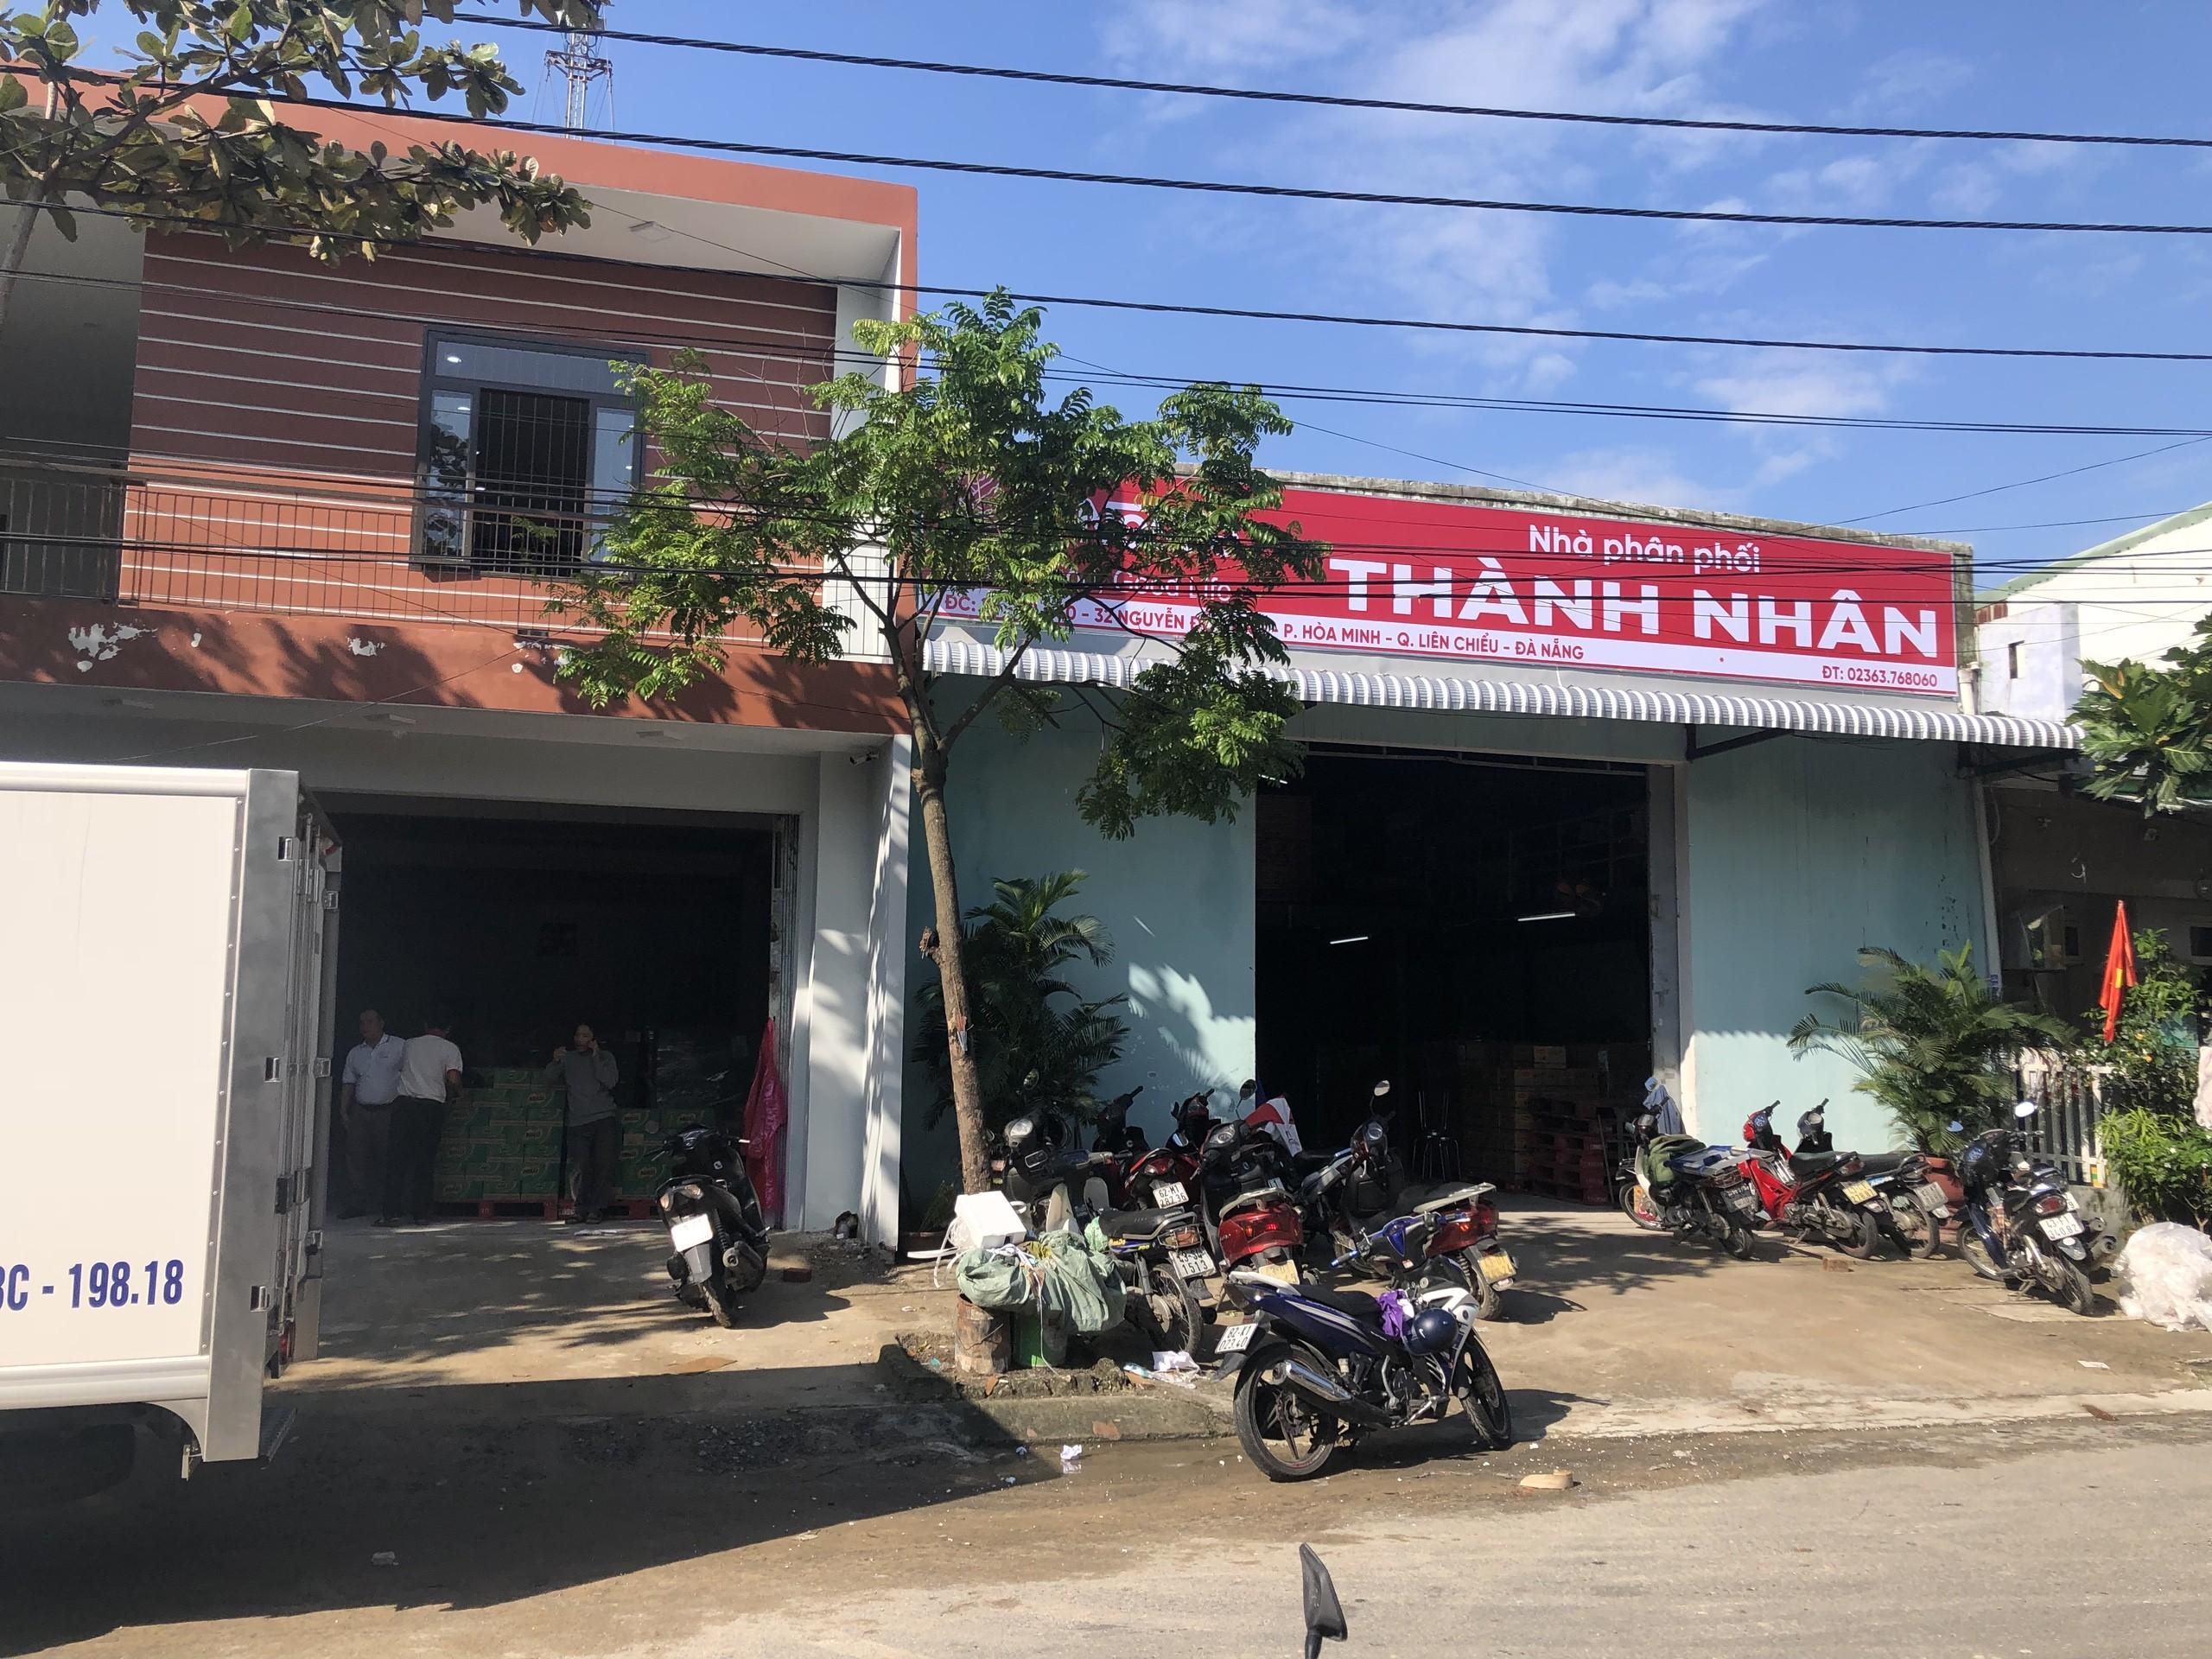 kho kem thanh nhan 7 - Lắp đặt kho lạnh bảo quản kem, công ty Thành Nhân, Đà Nẵng